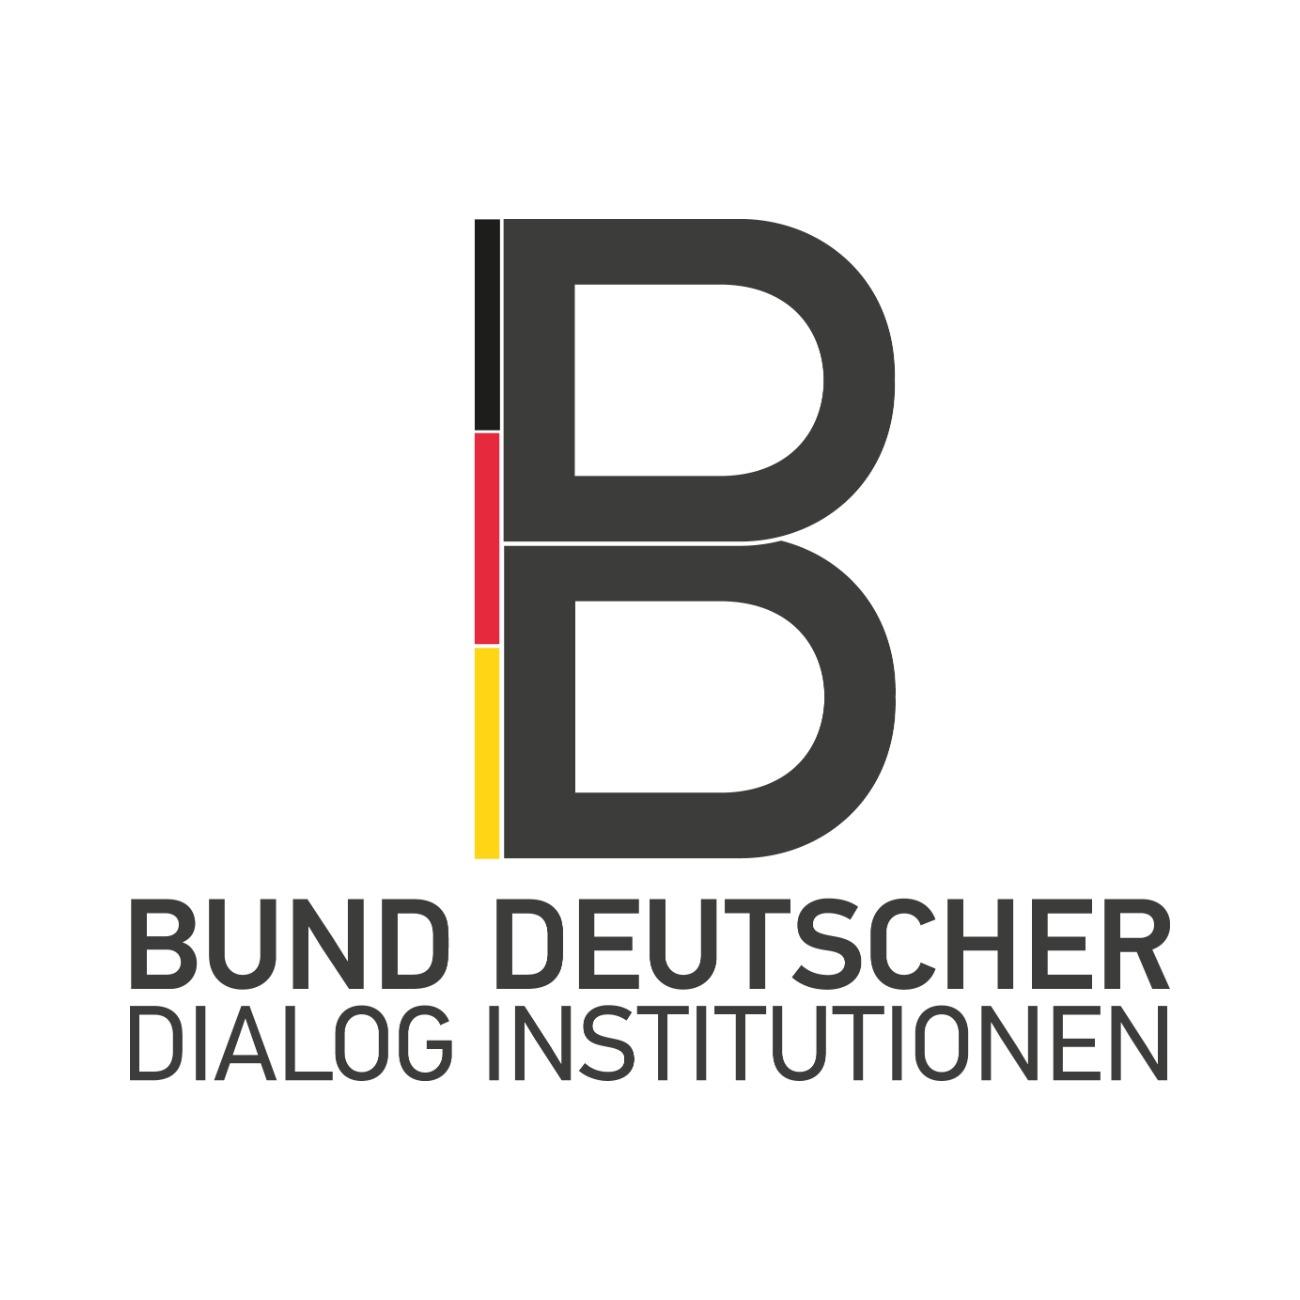 Partner - bund deutscher dialog institutionen logo